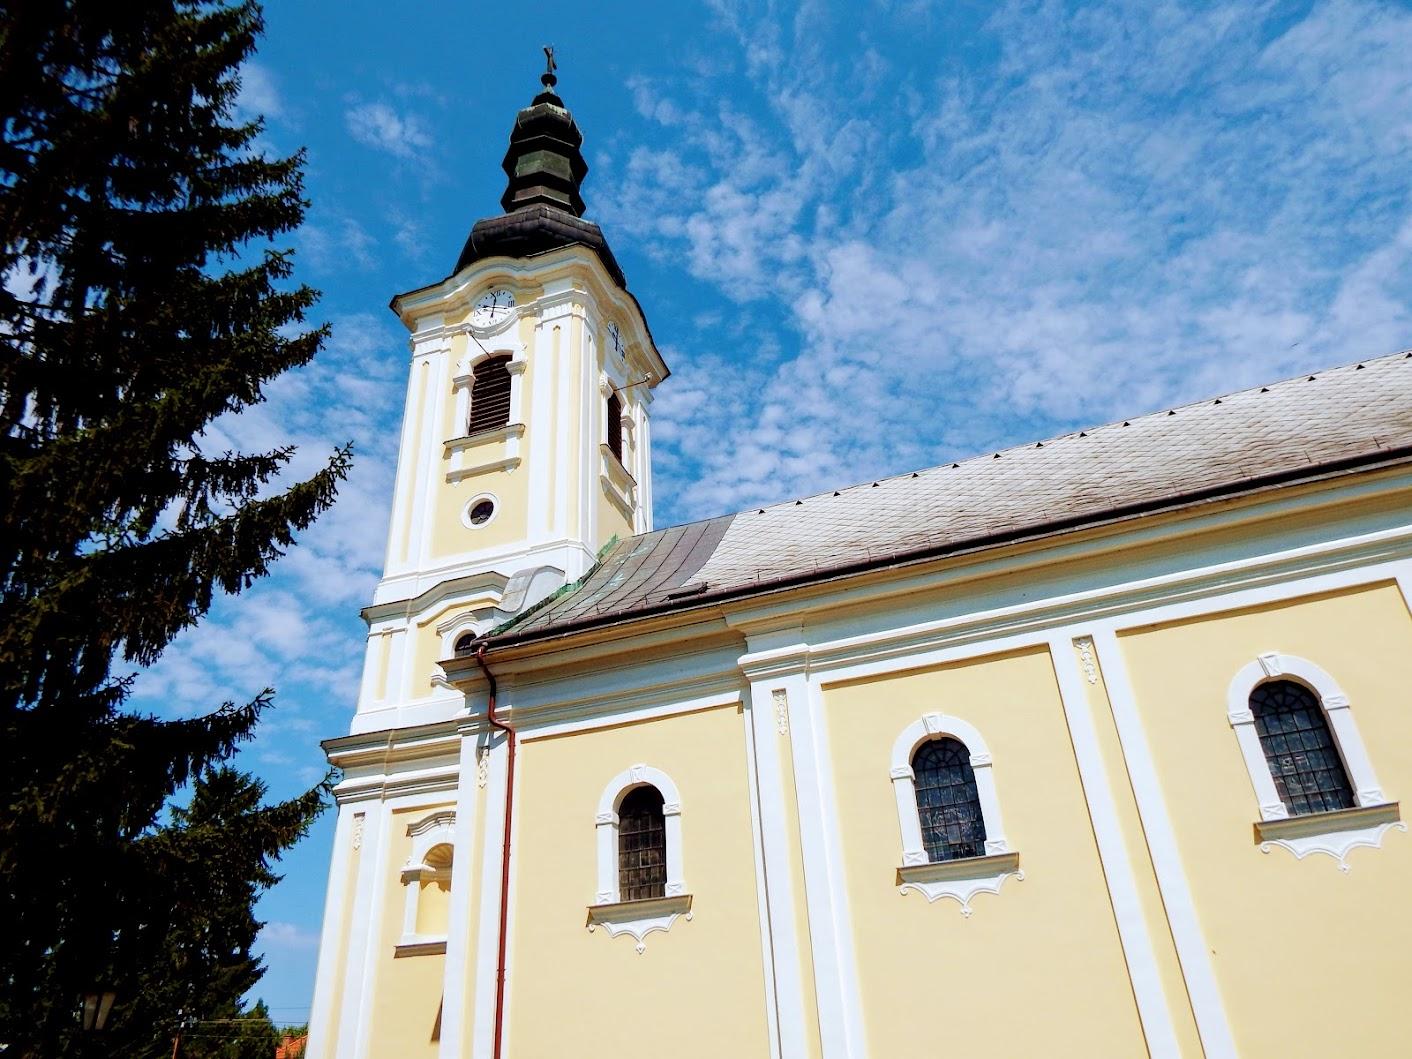 Érsekvadkert - Szent András rk. templom